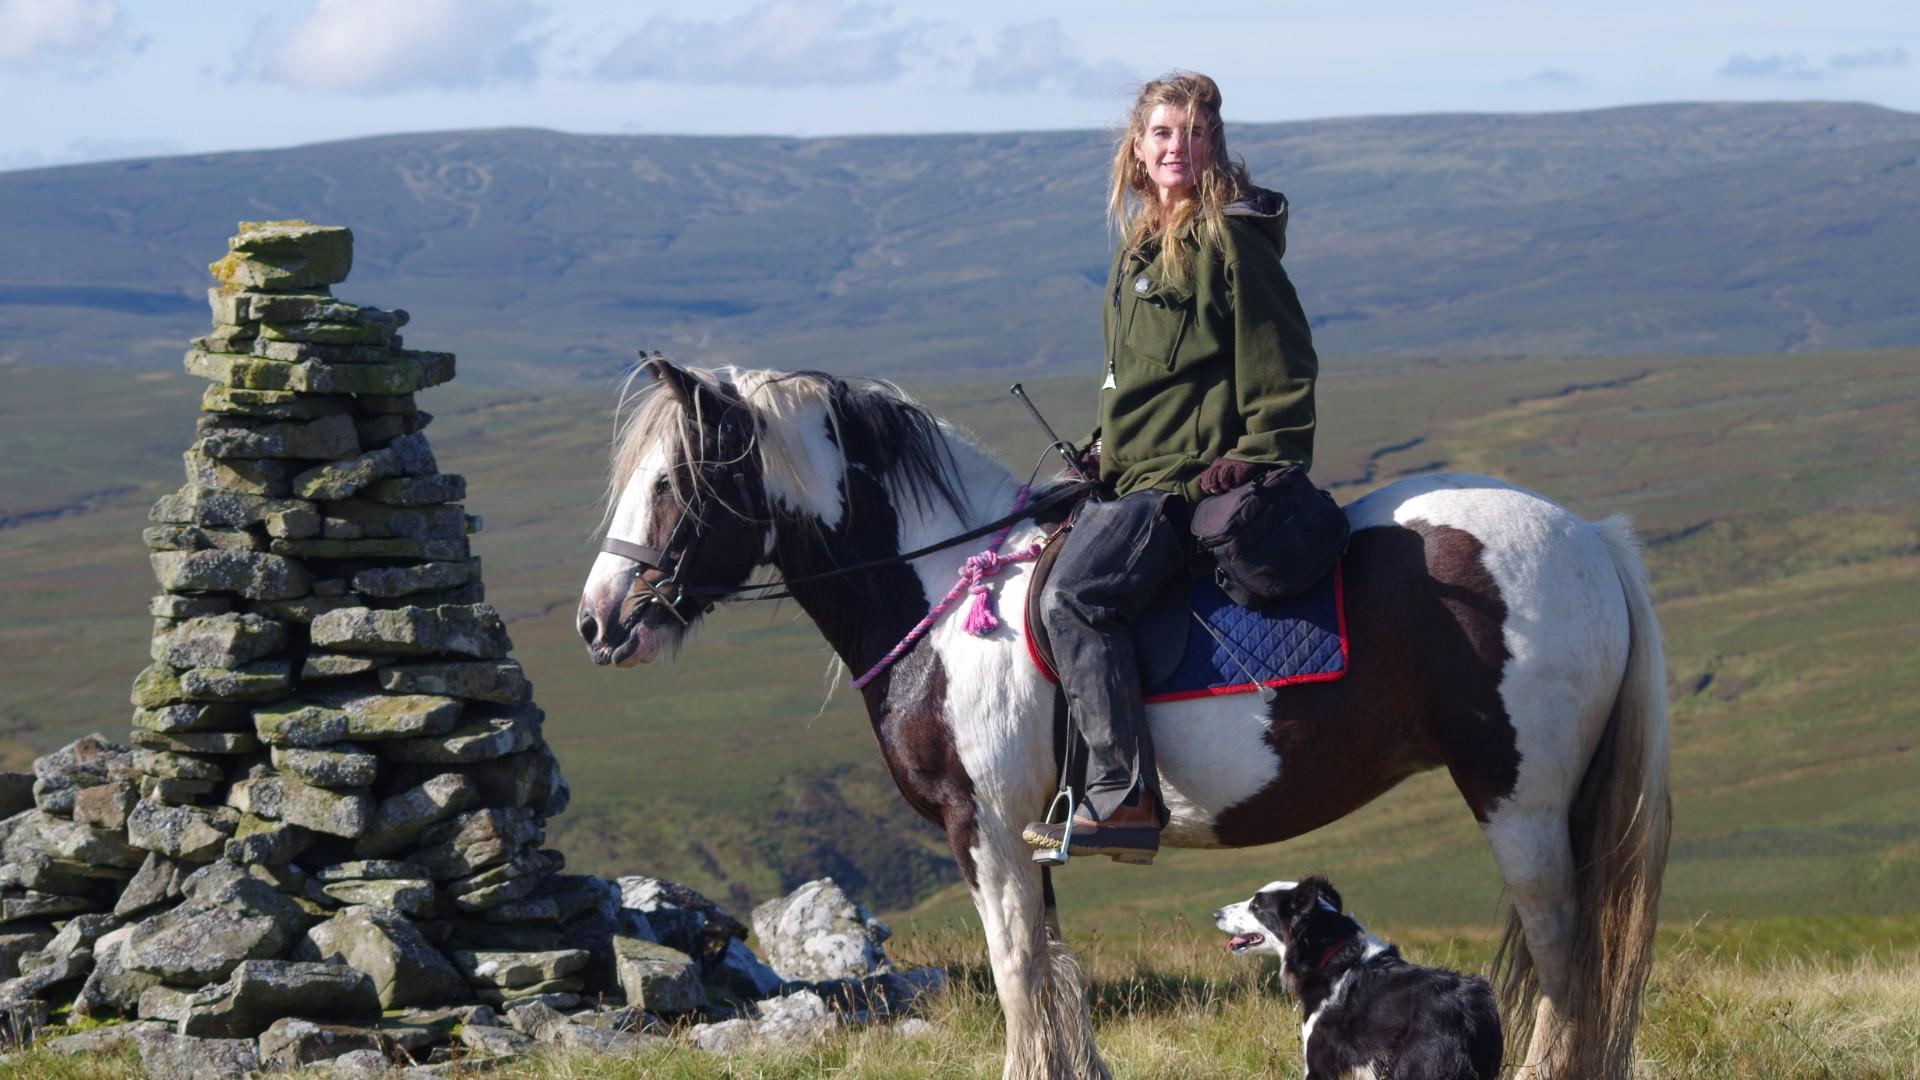 Amanda Owen on horseback with sheepdog